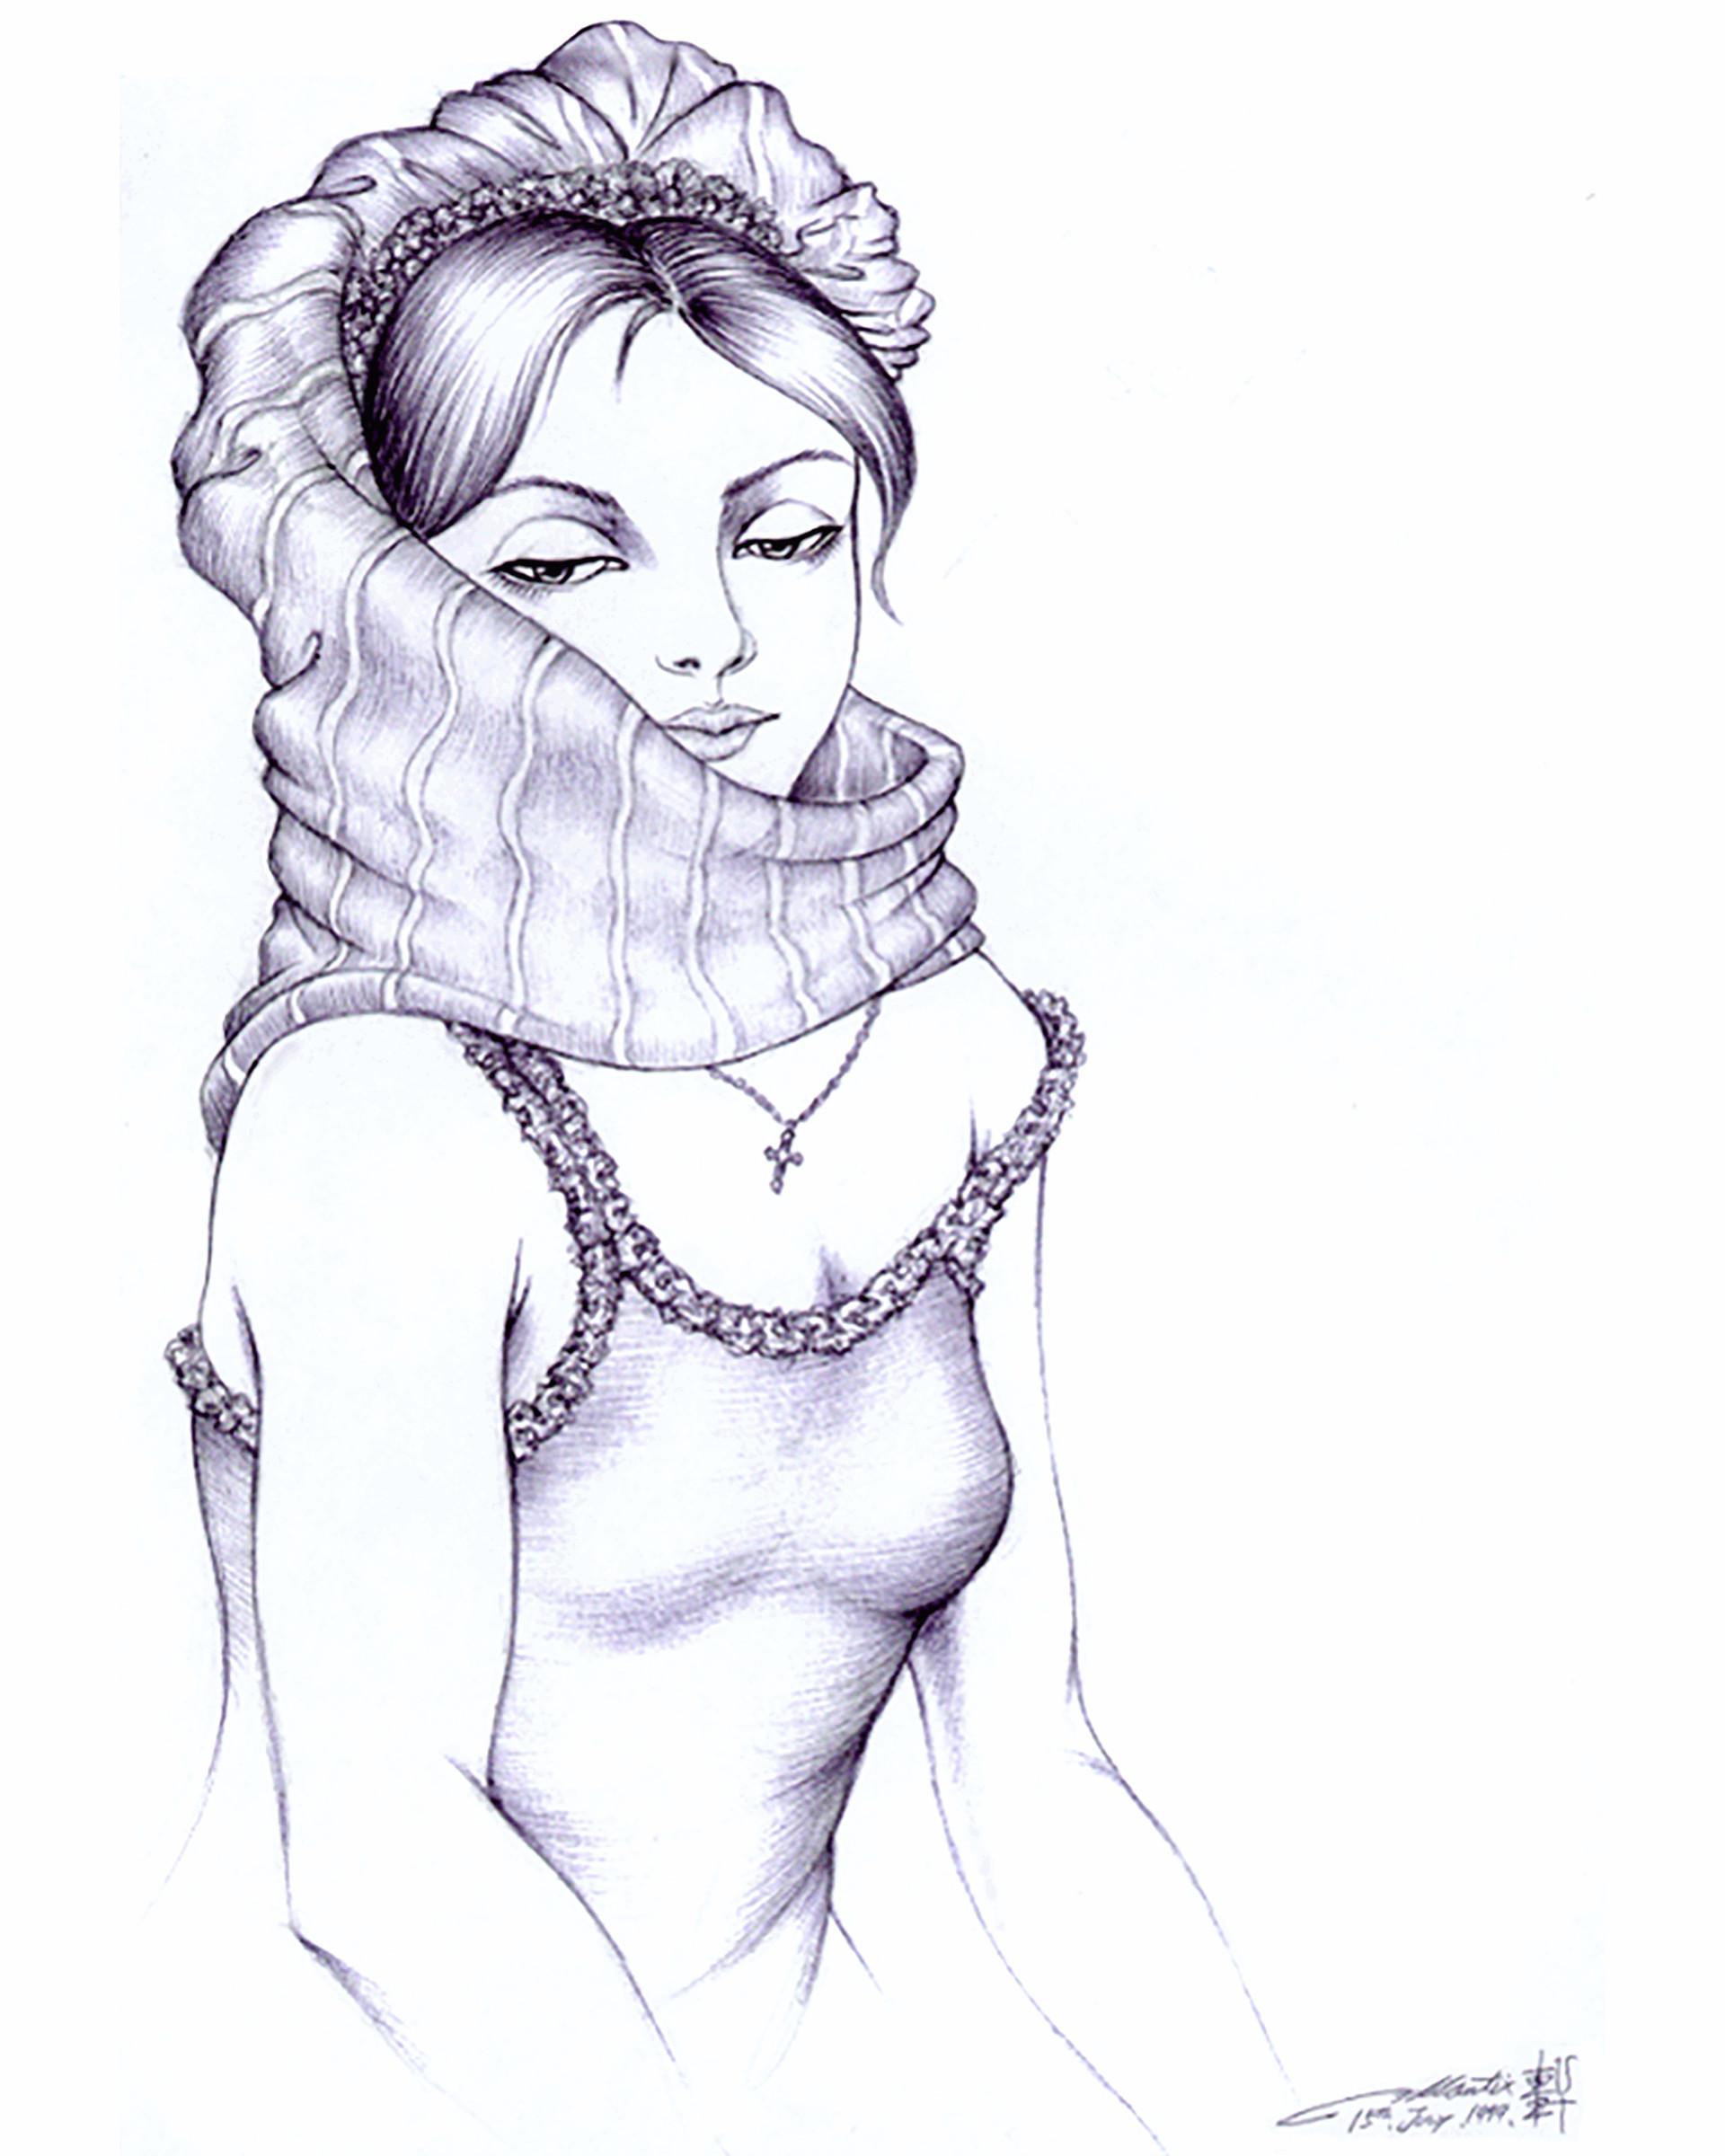 E lynx ladyyoung original